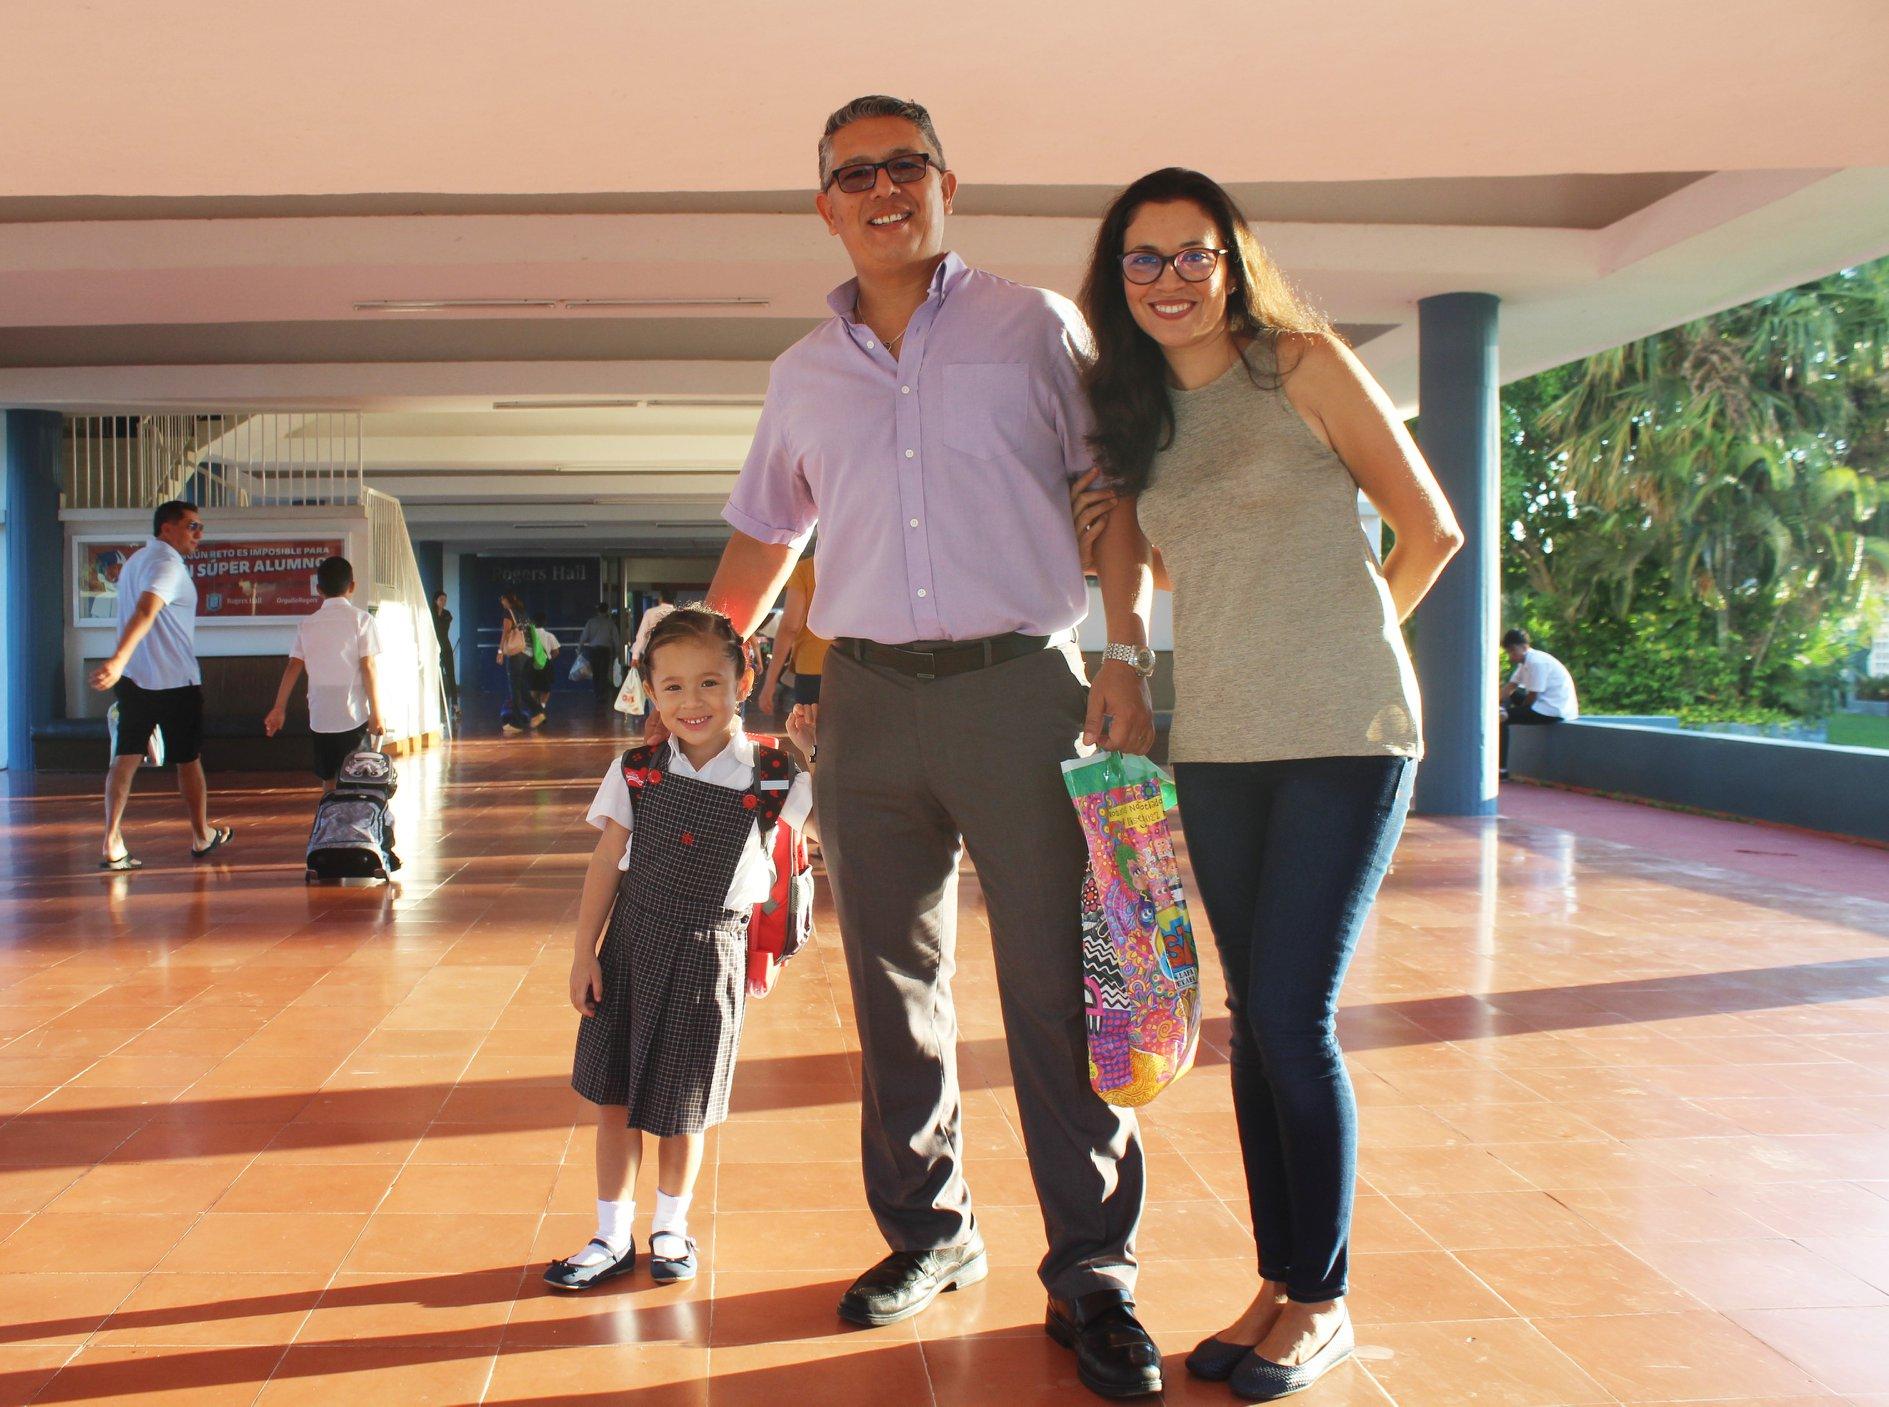 retos de la educación primaria rogers como ayudar motivar niños primaria desafíos retos inglés bilingüe